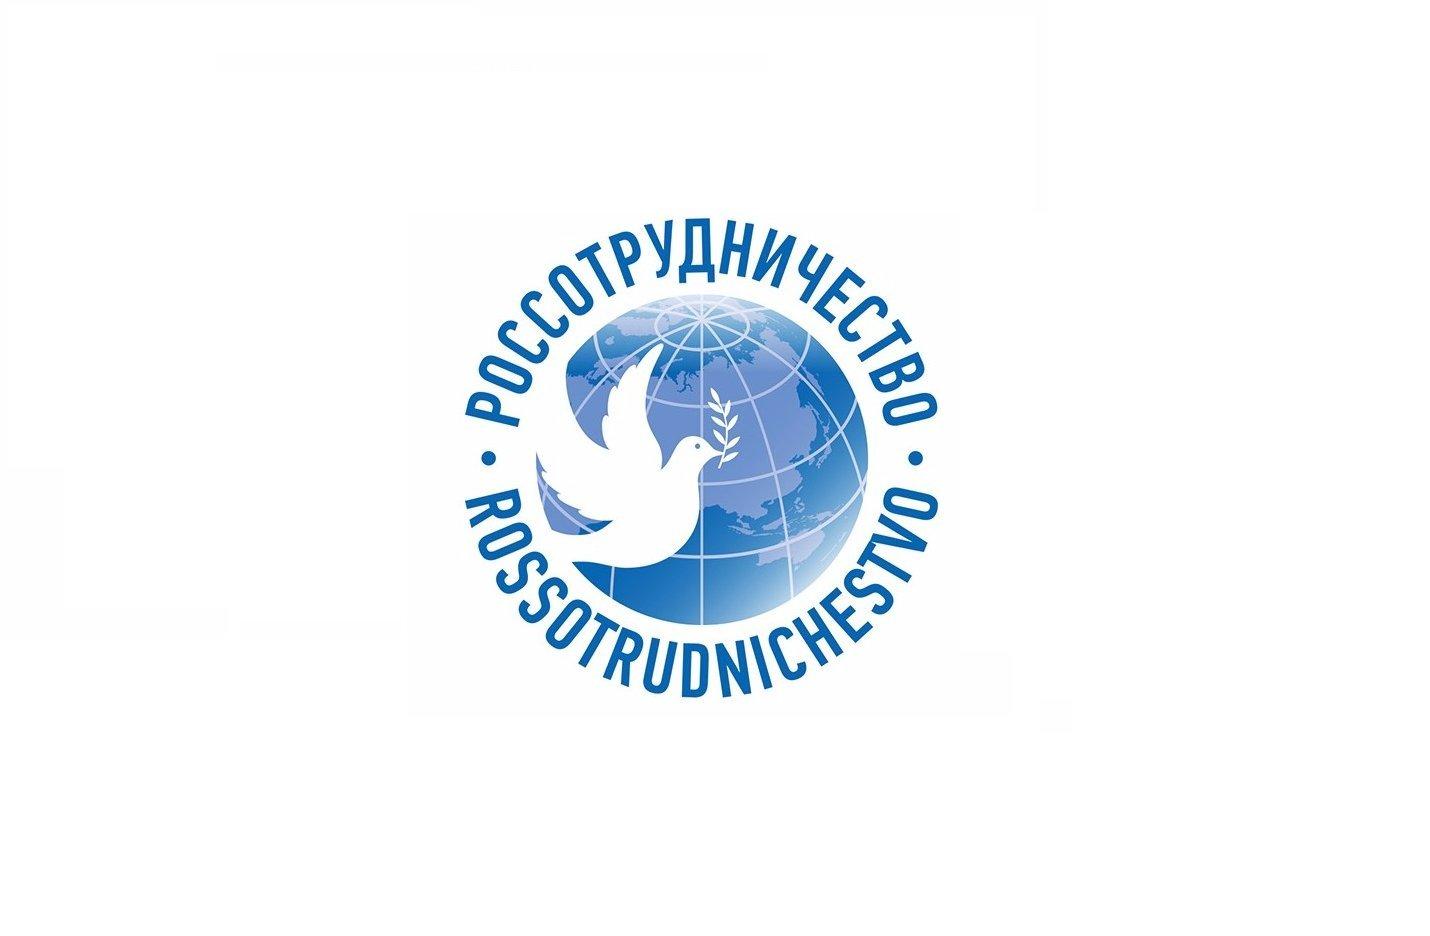 Суданская компания пытается привлечь внимание Россотрудничества через МИД РФ